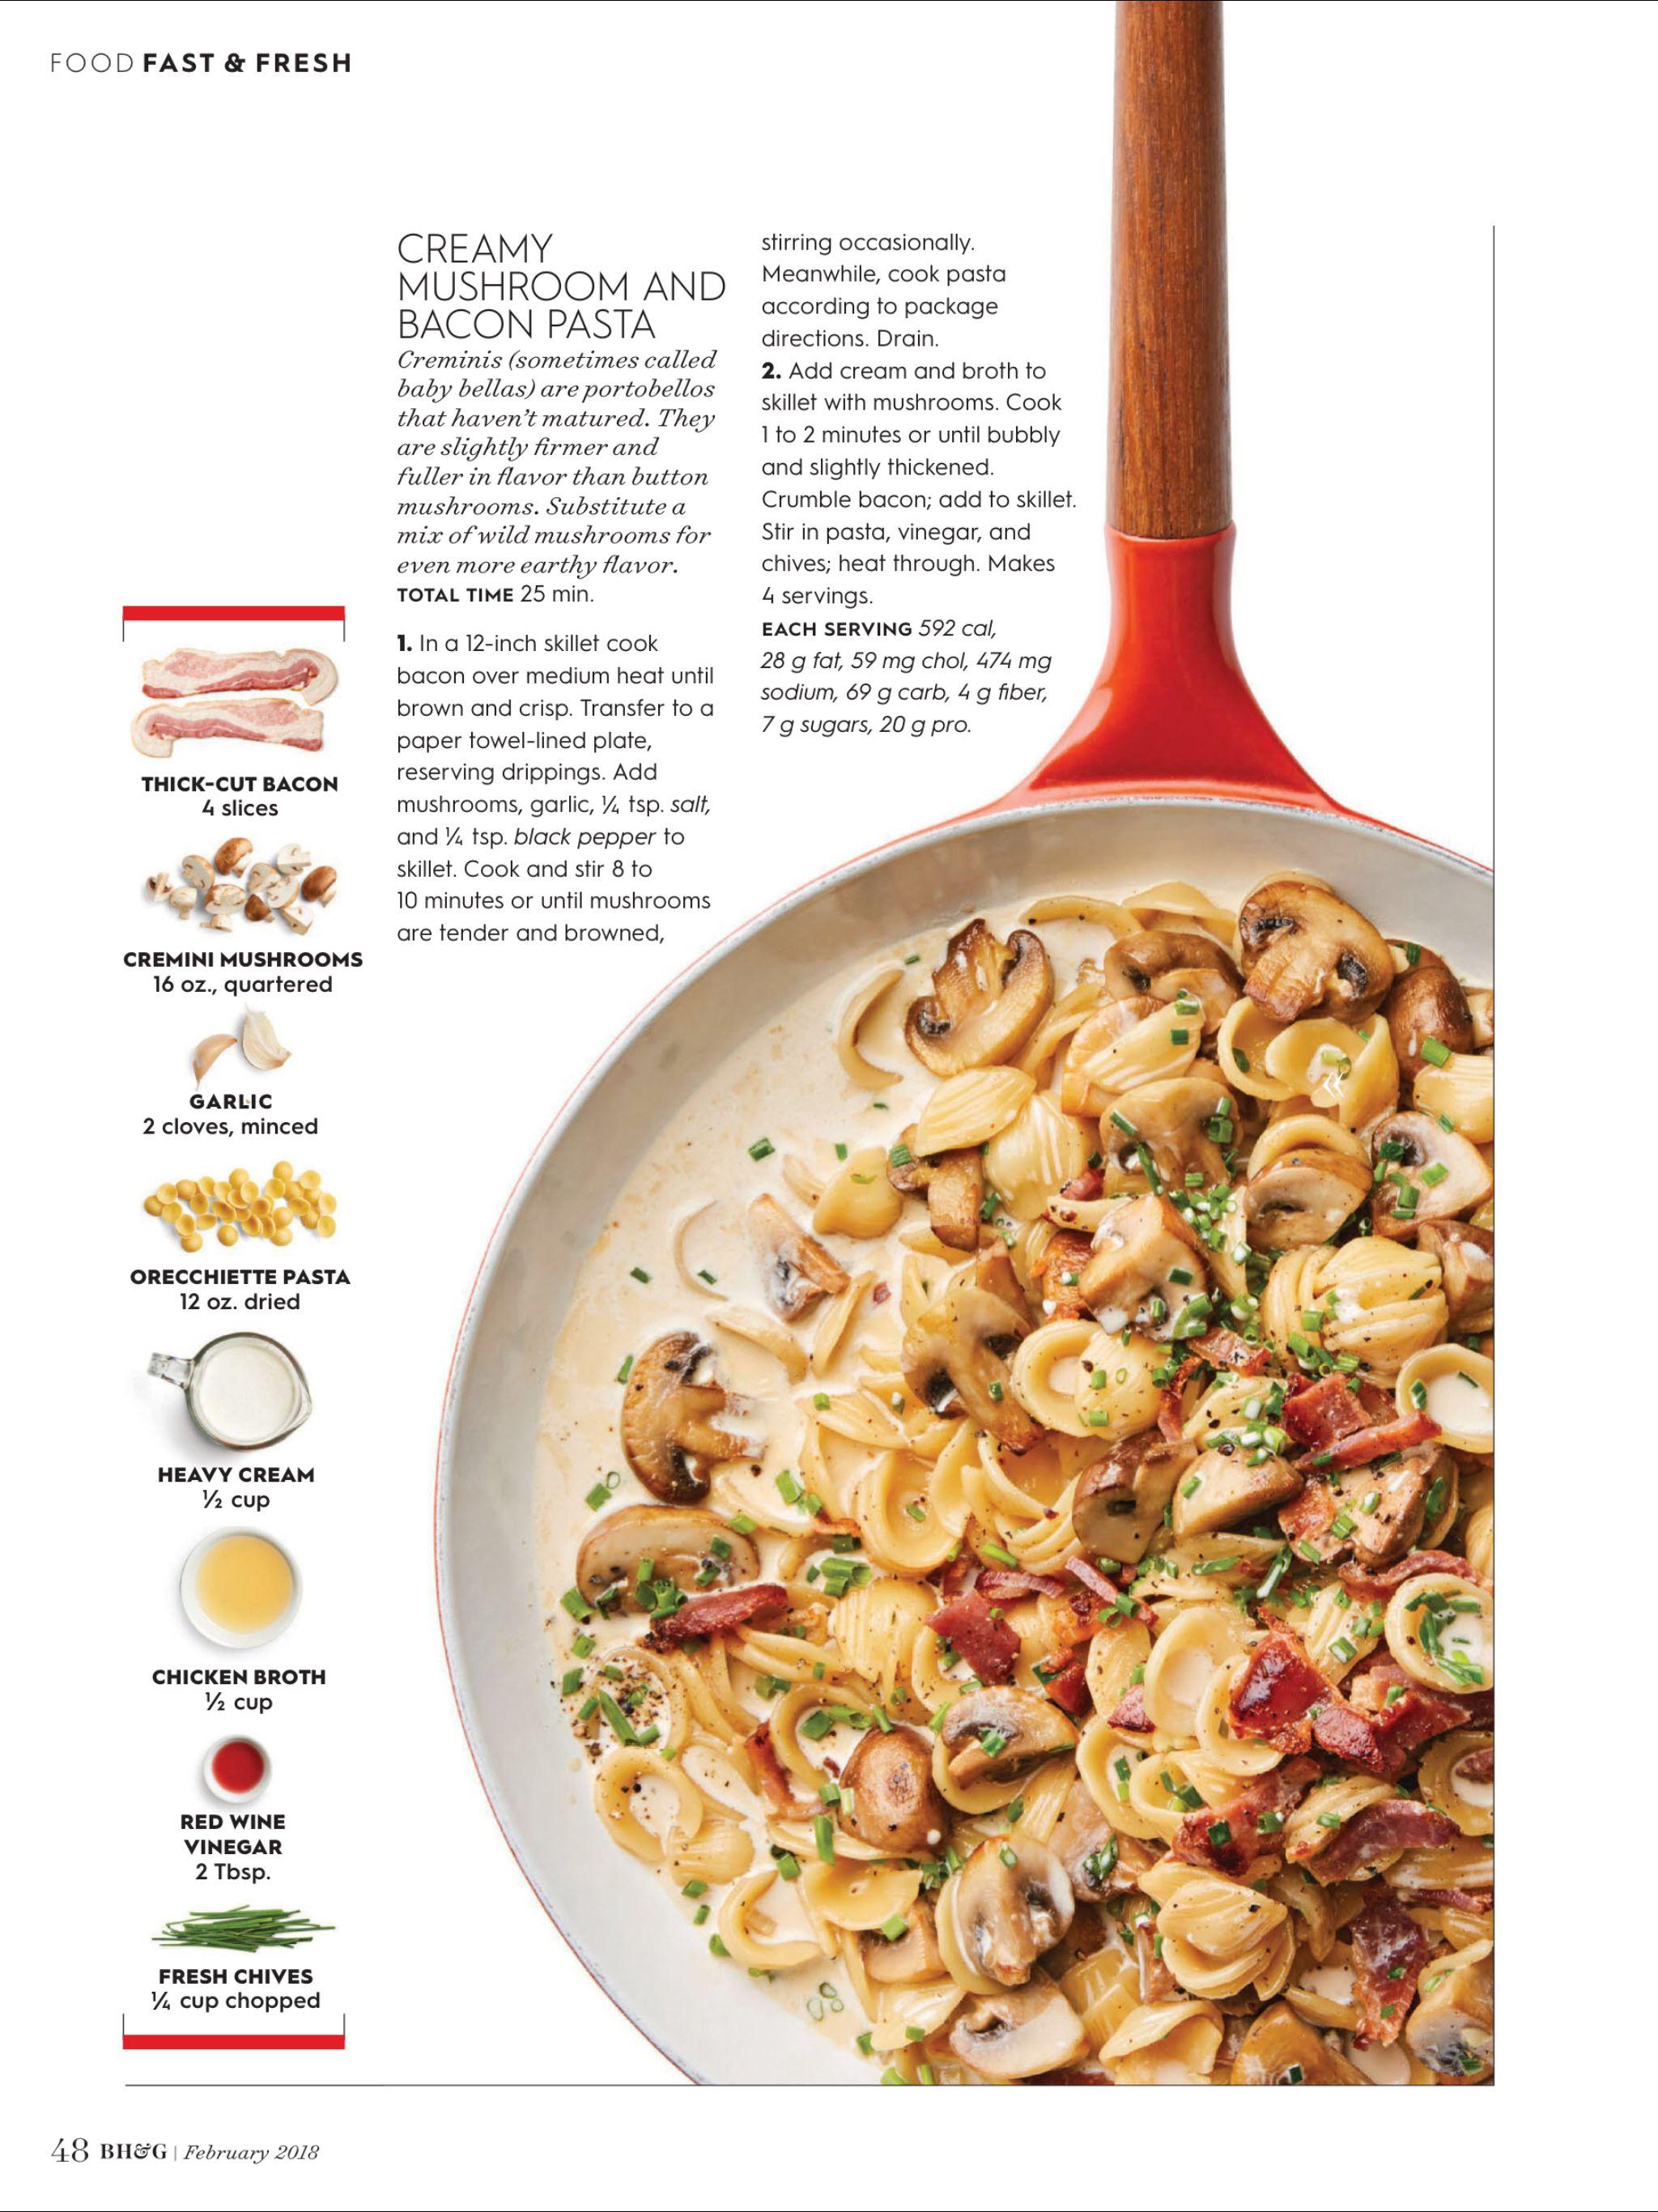 613a2fd56f0fb481d377d75a24f10e20 - Better Homes And Gardens Pasta Recipes